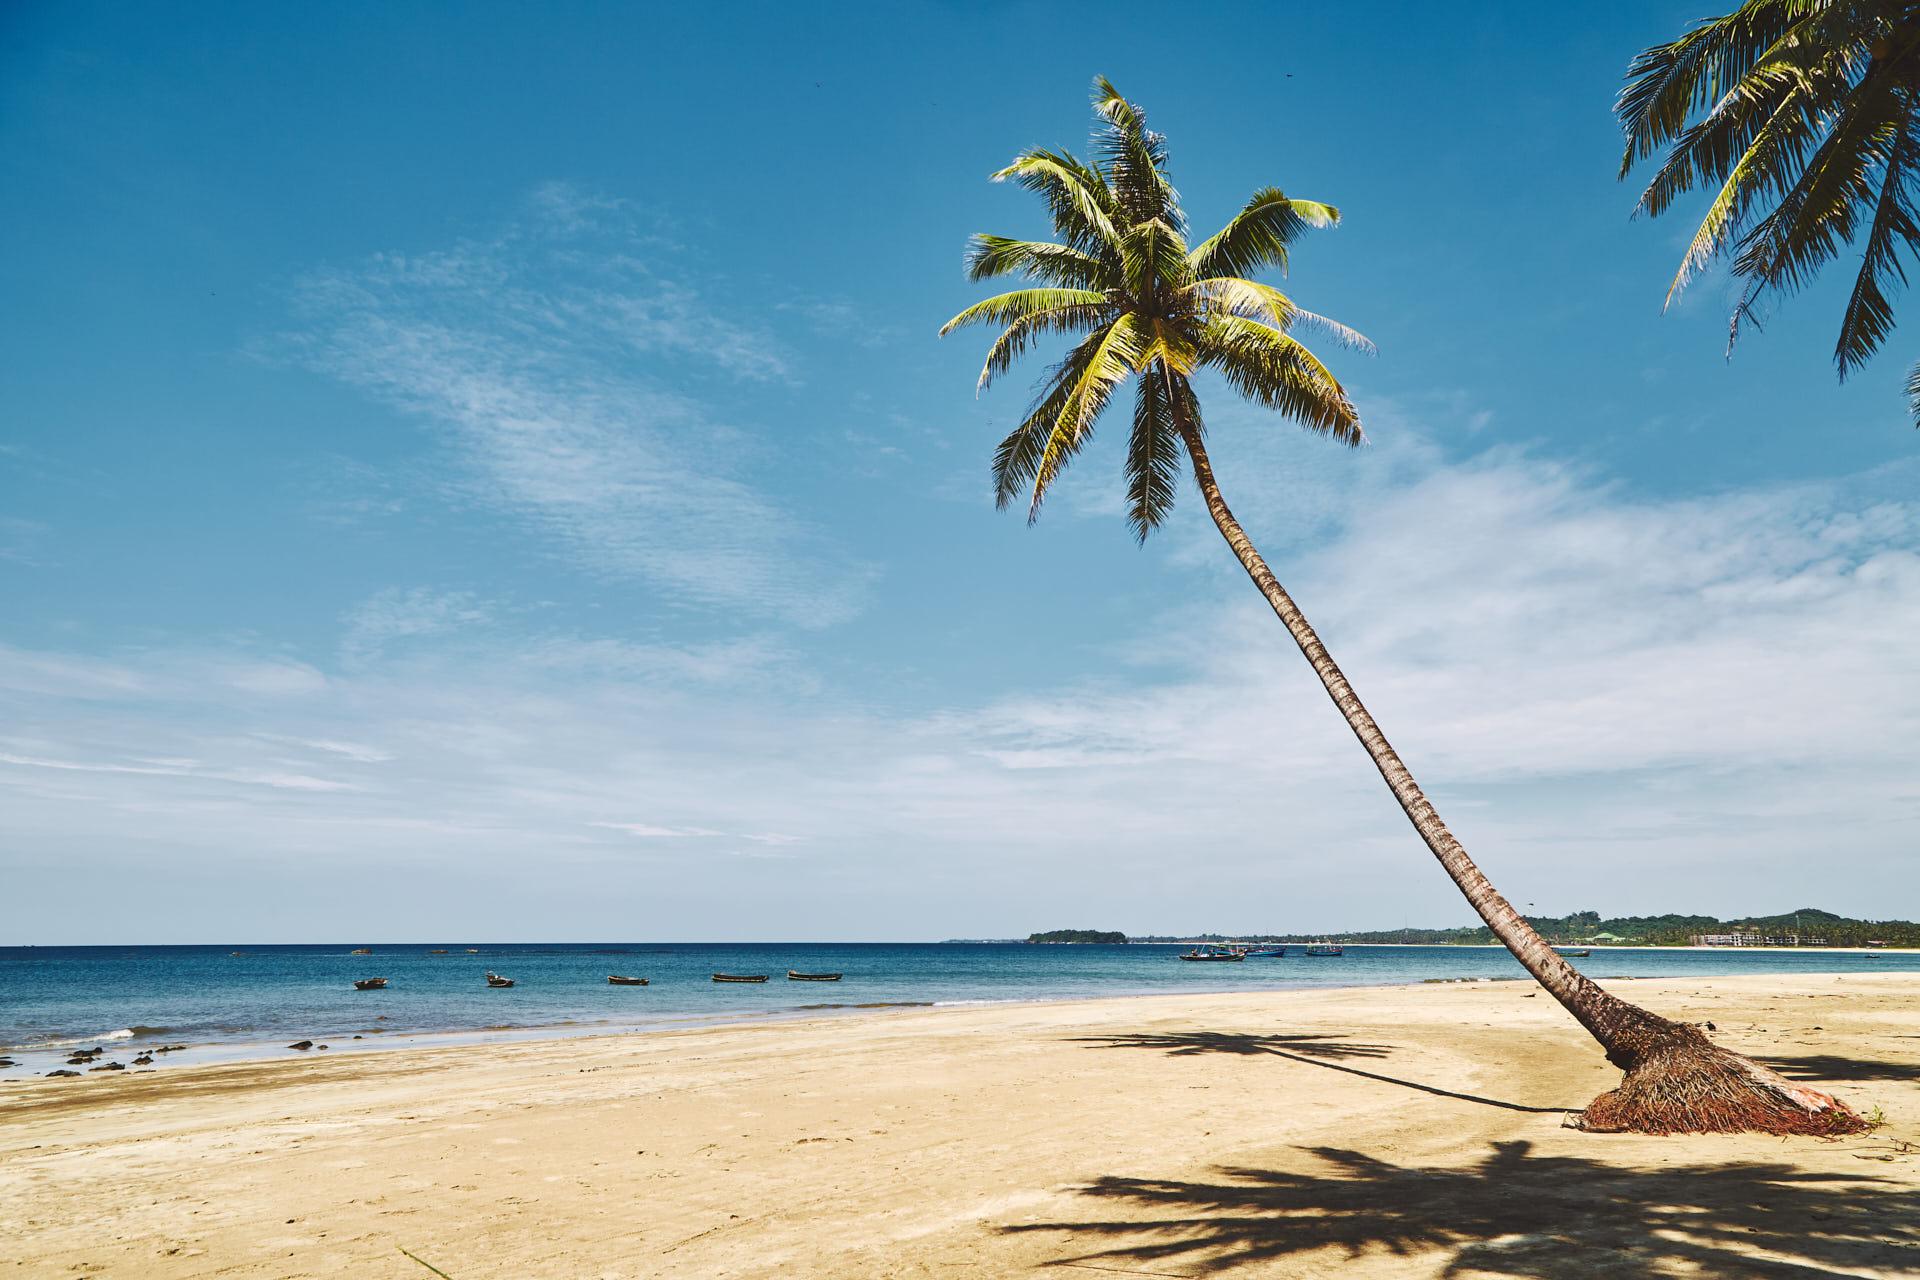 Magnifique palmier qui penche